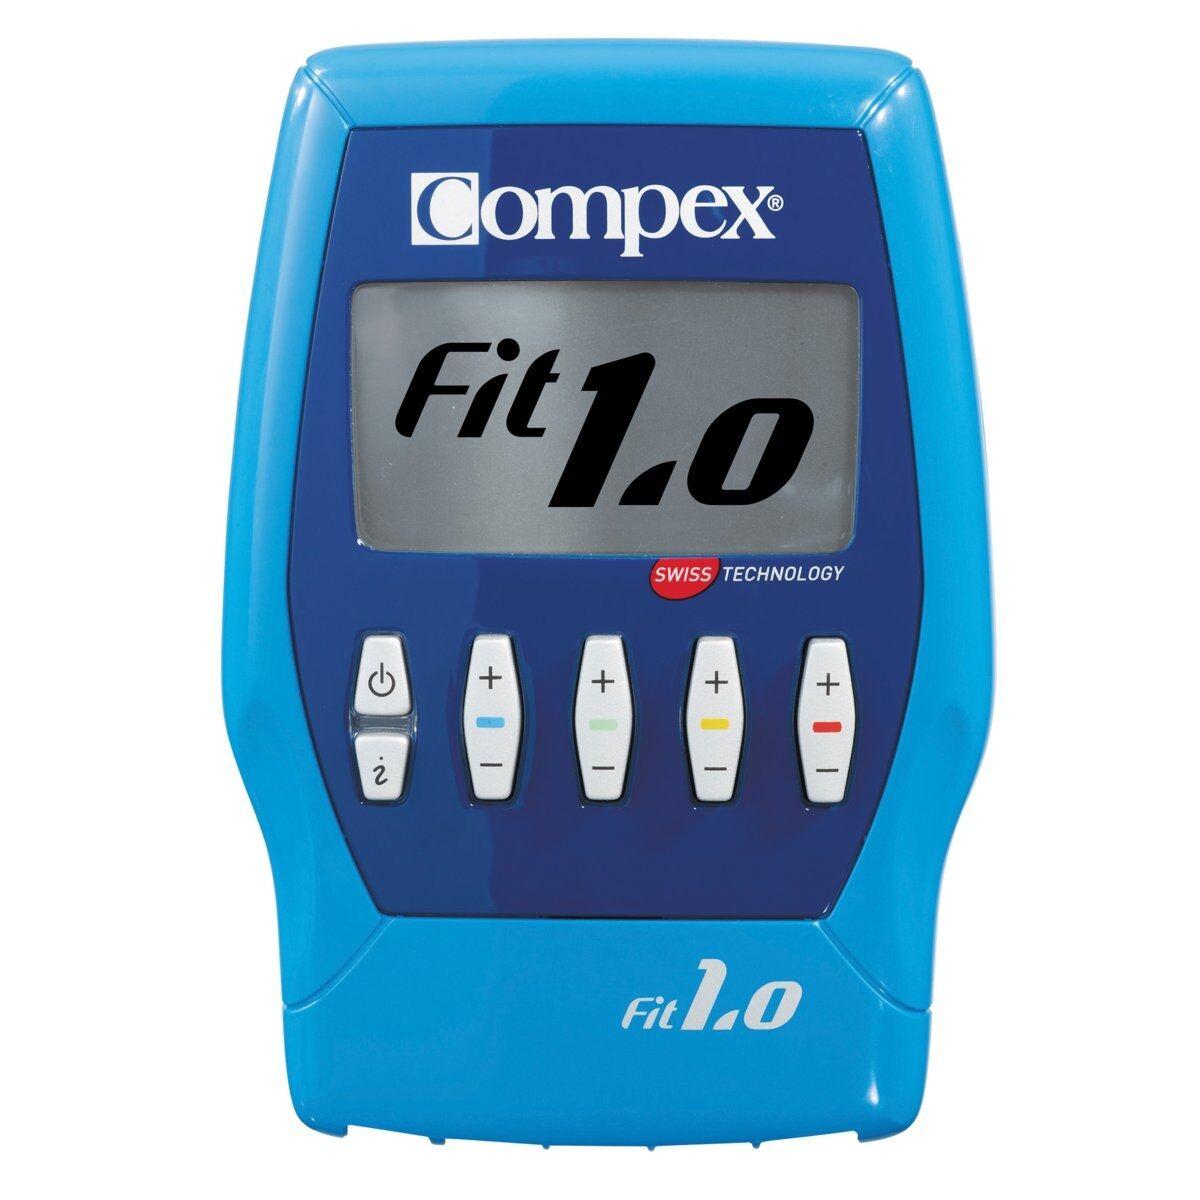 COMPEX Électro stimulateur FIT 1.0